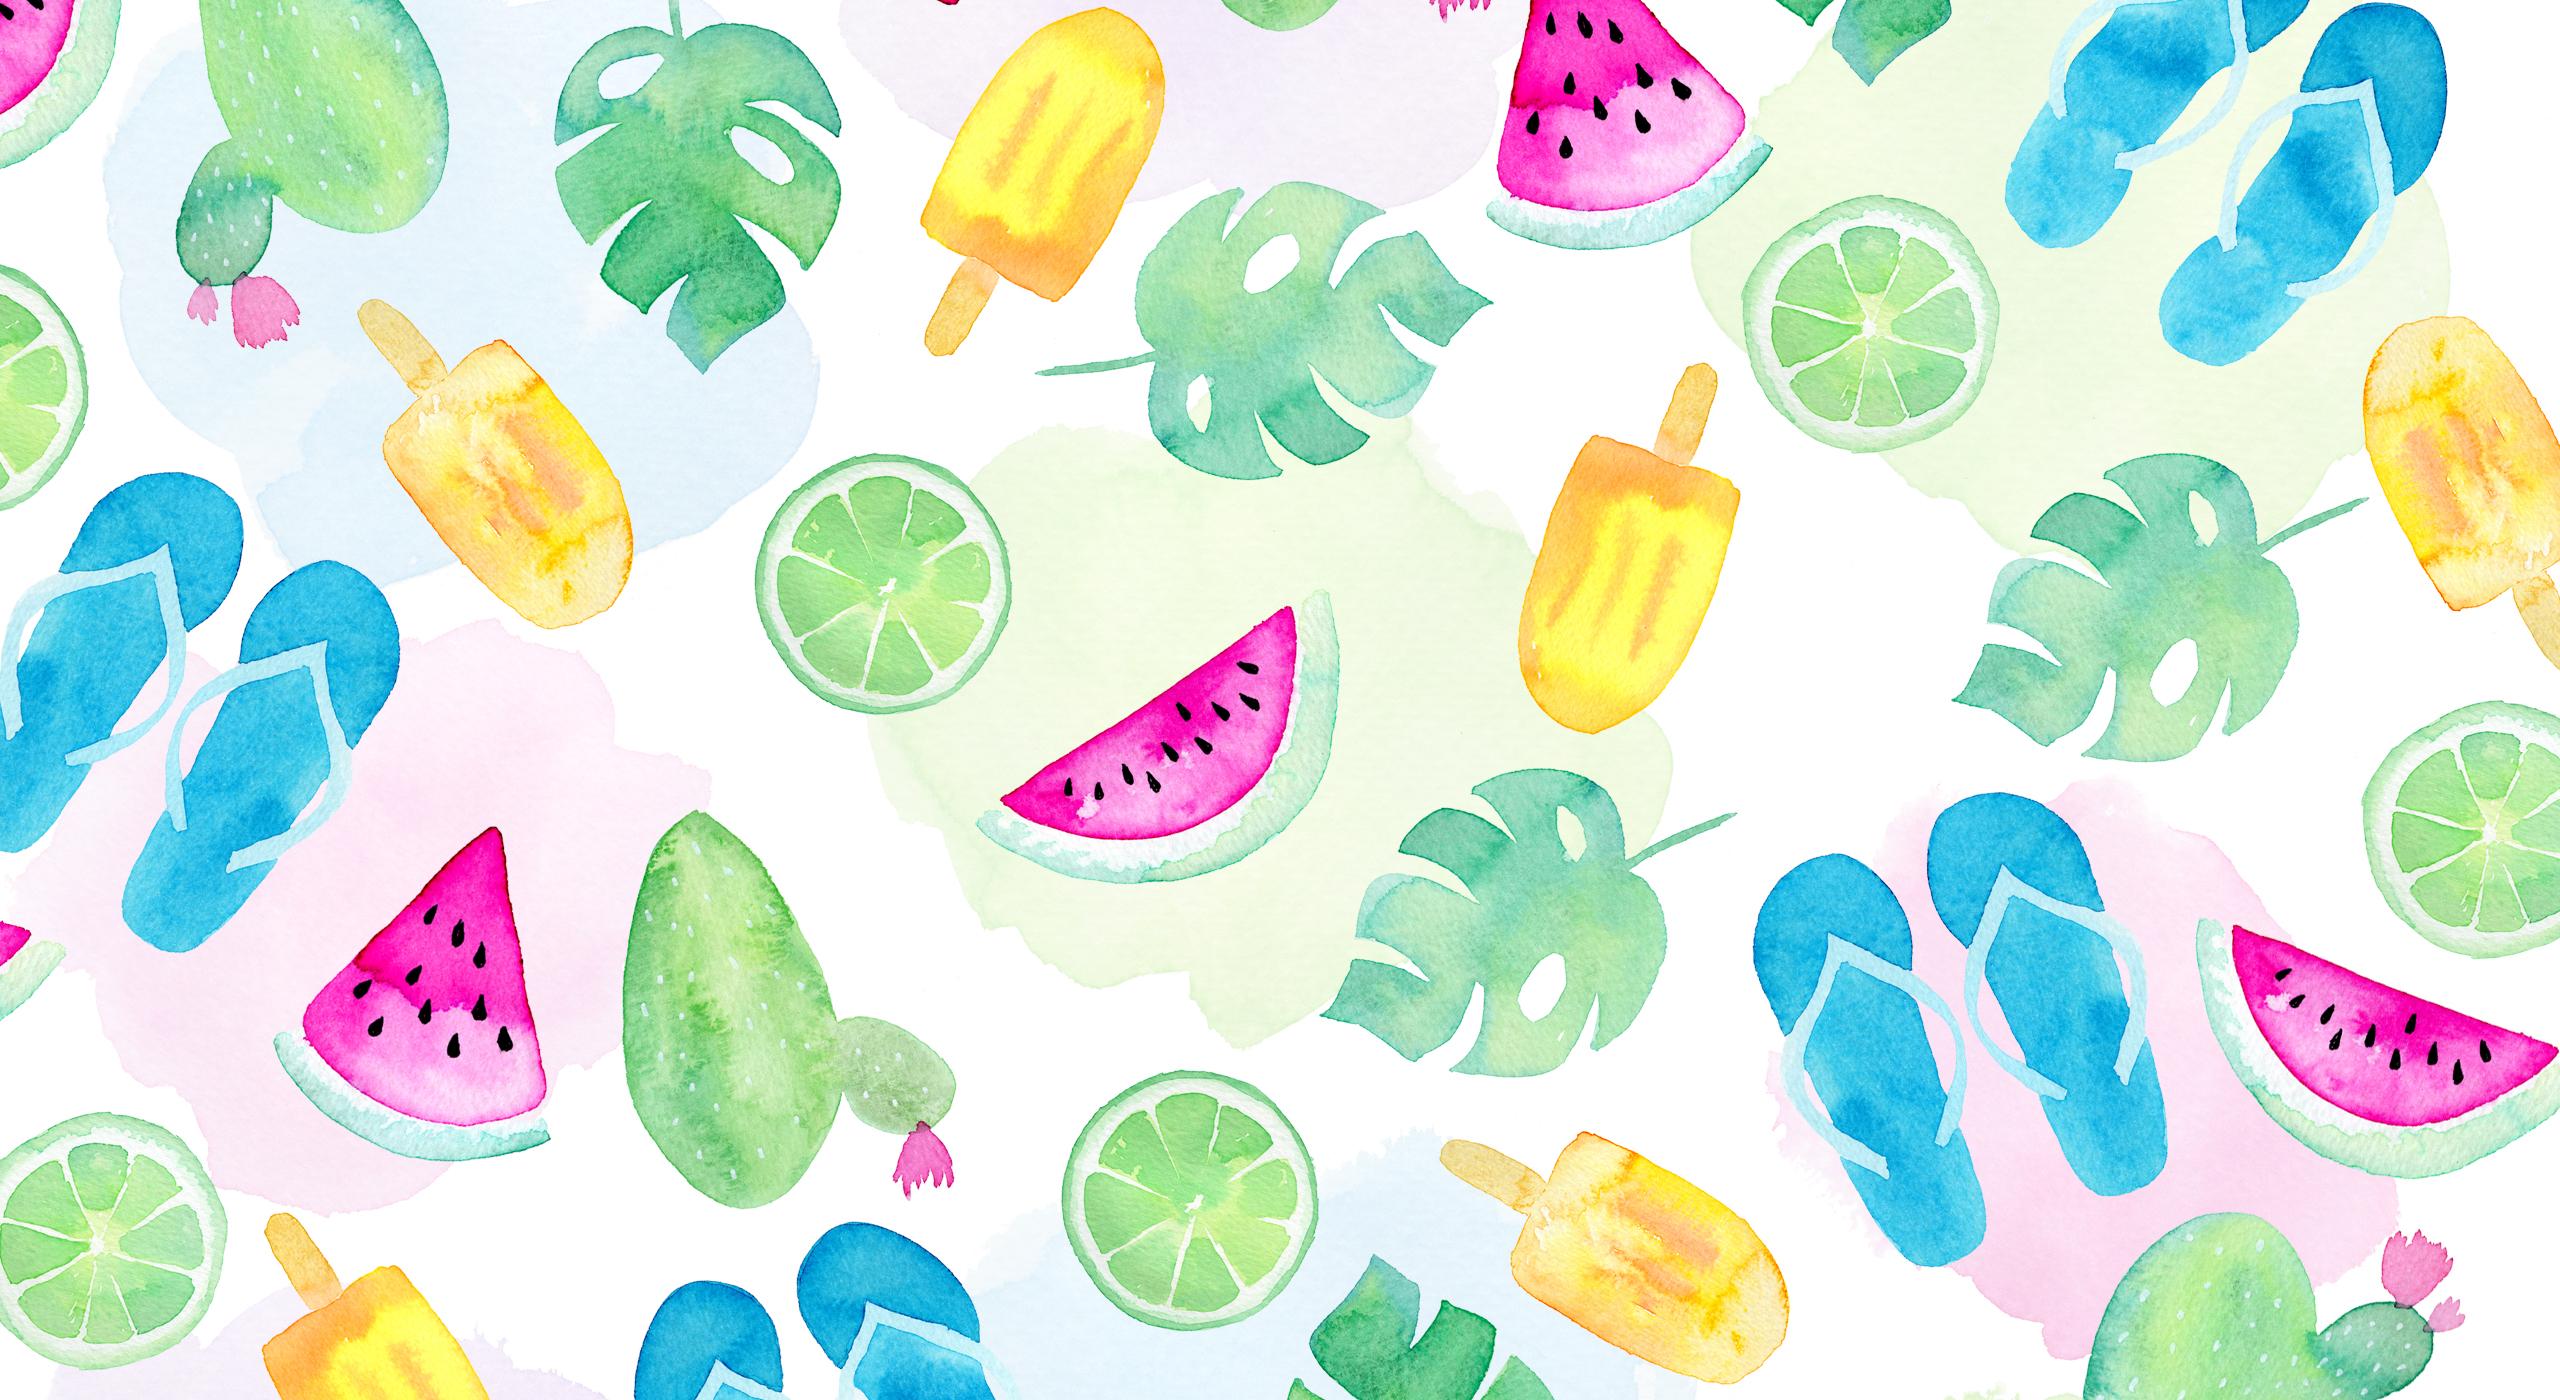 Summer Vibes Wallpaper: Damit die Sommer-Stimmung noch ganz lange bleibt